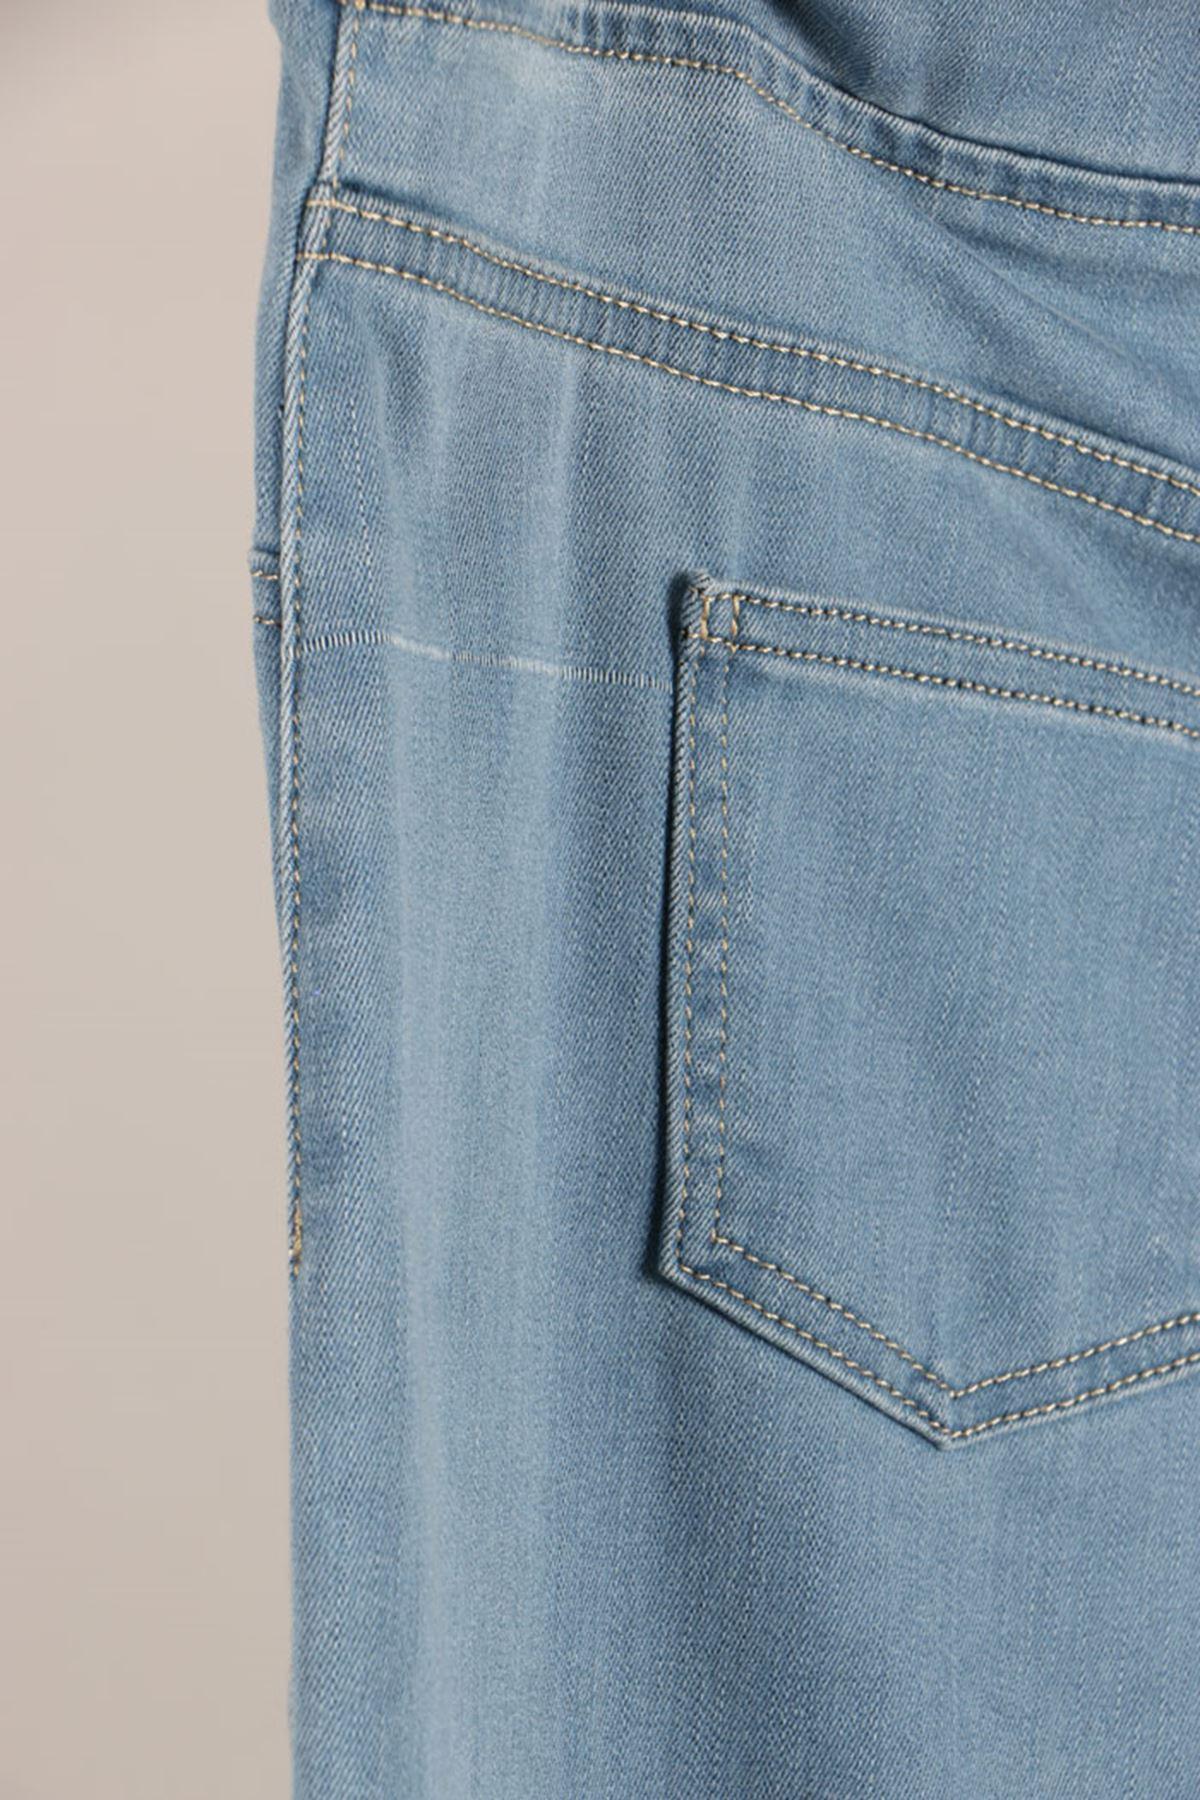 D-9139 Büyük Beden Defolu Beli Lastikli Dar Paça Kot Pantalon-Buz Mavi